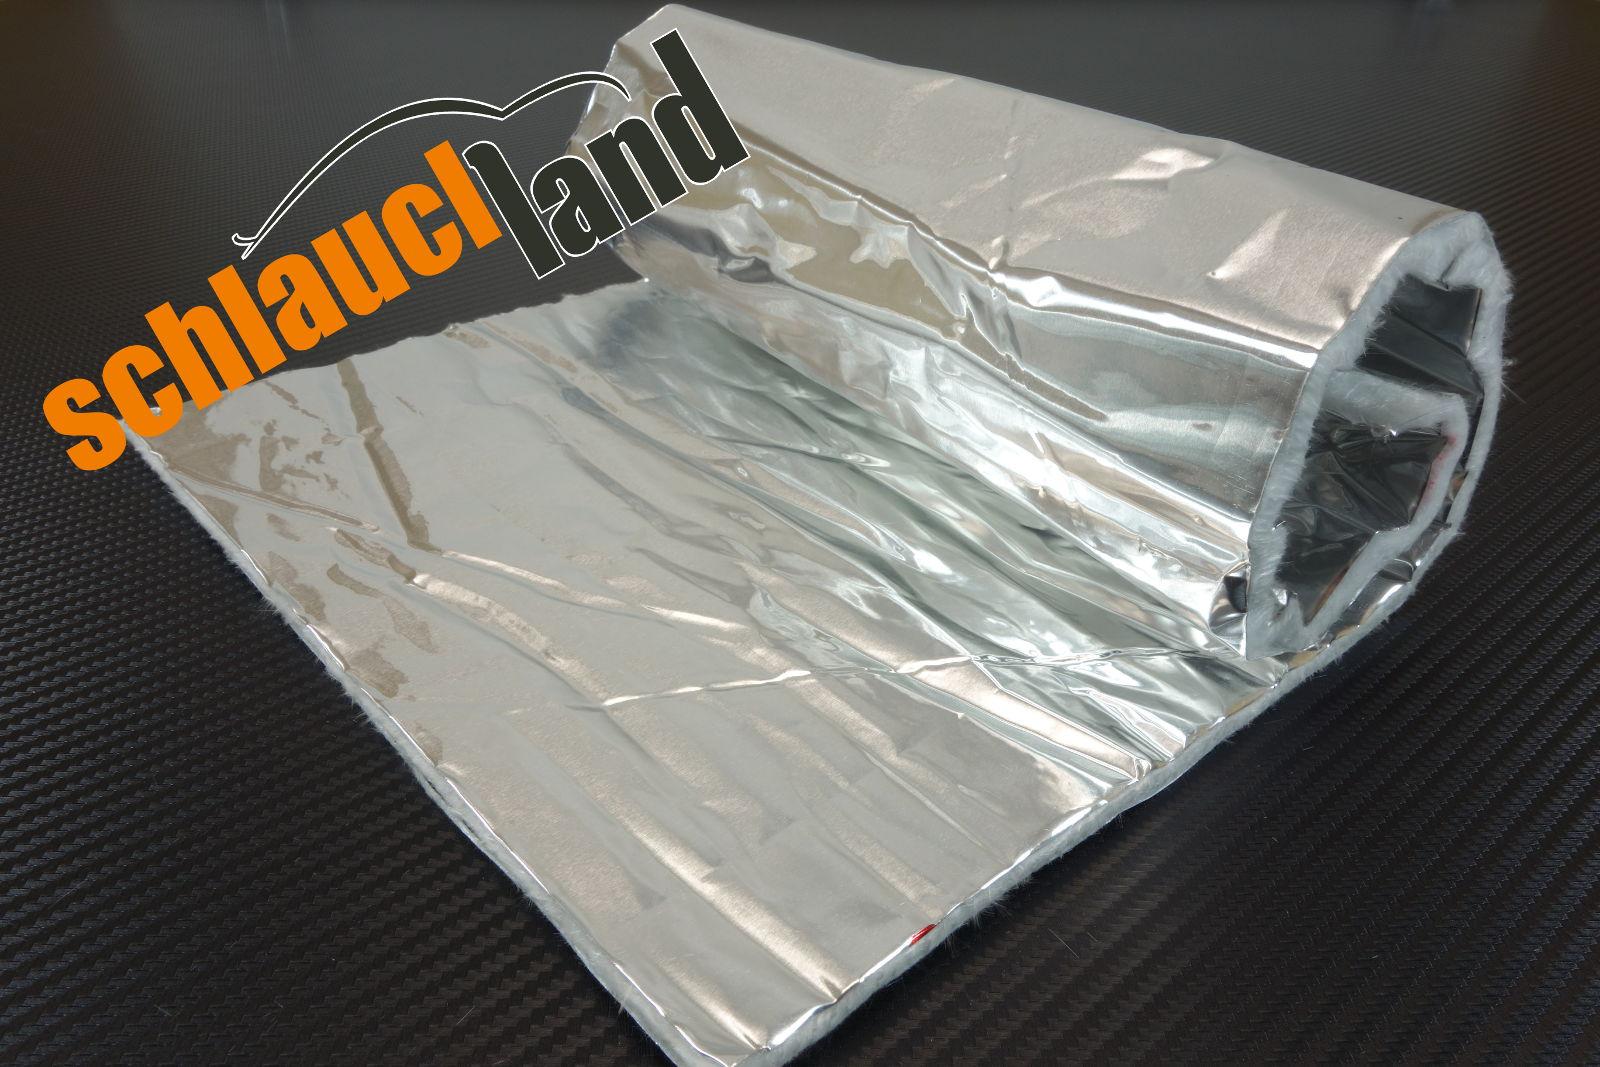 Hitzeschutzmatte 5mm Alu-Keramik Double 1,0m x 1,0m